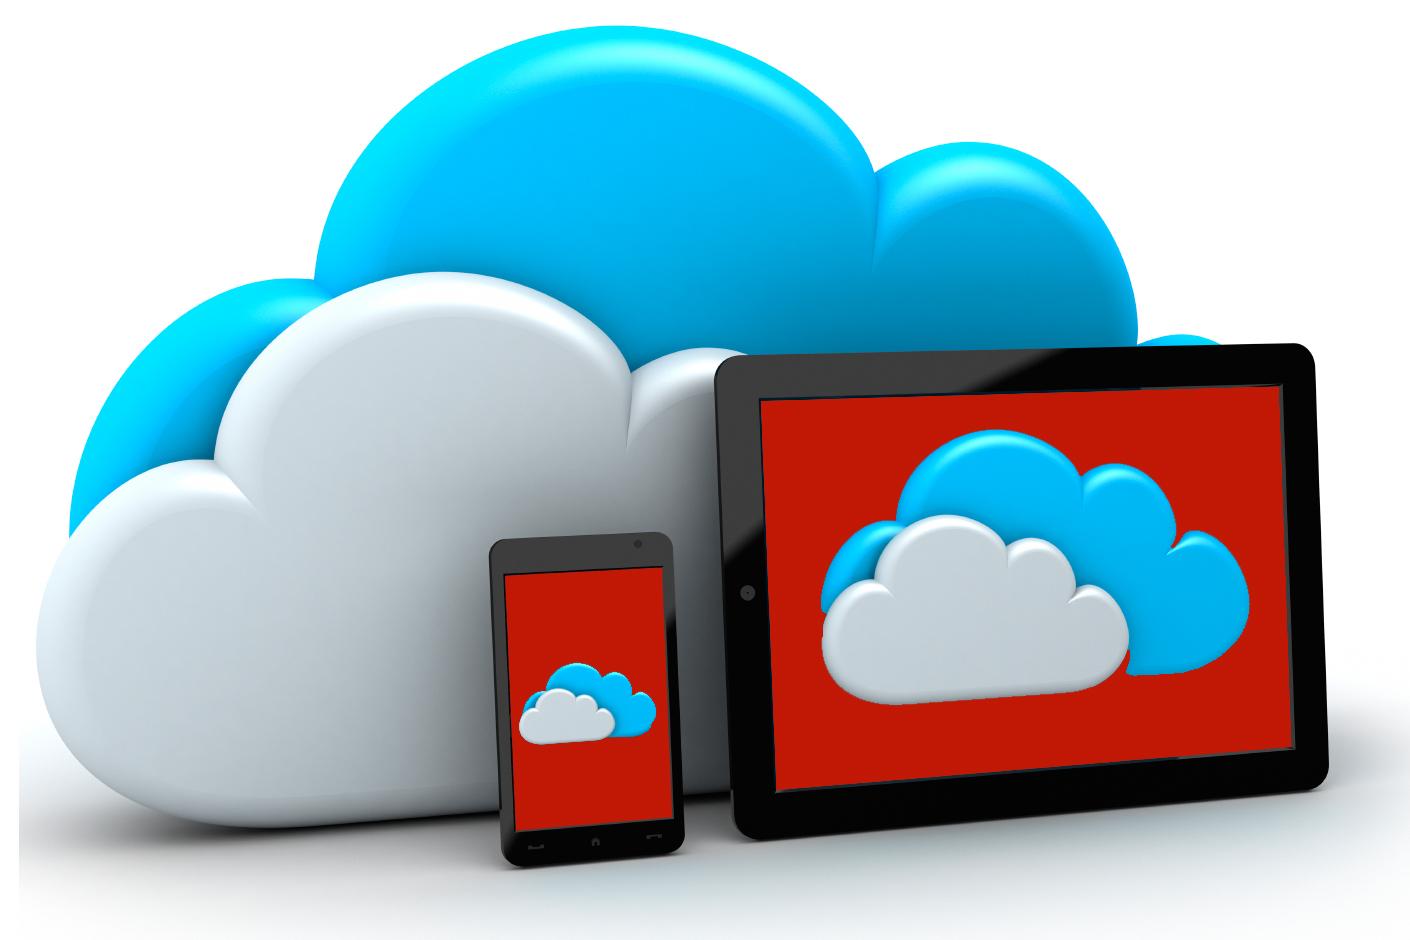 МТС построил для своих клиентов бесплатное «облако»